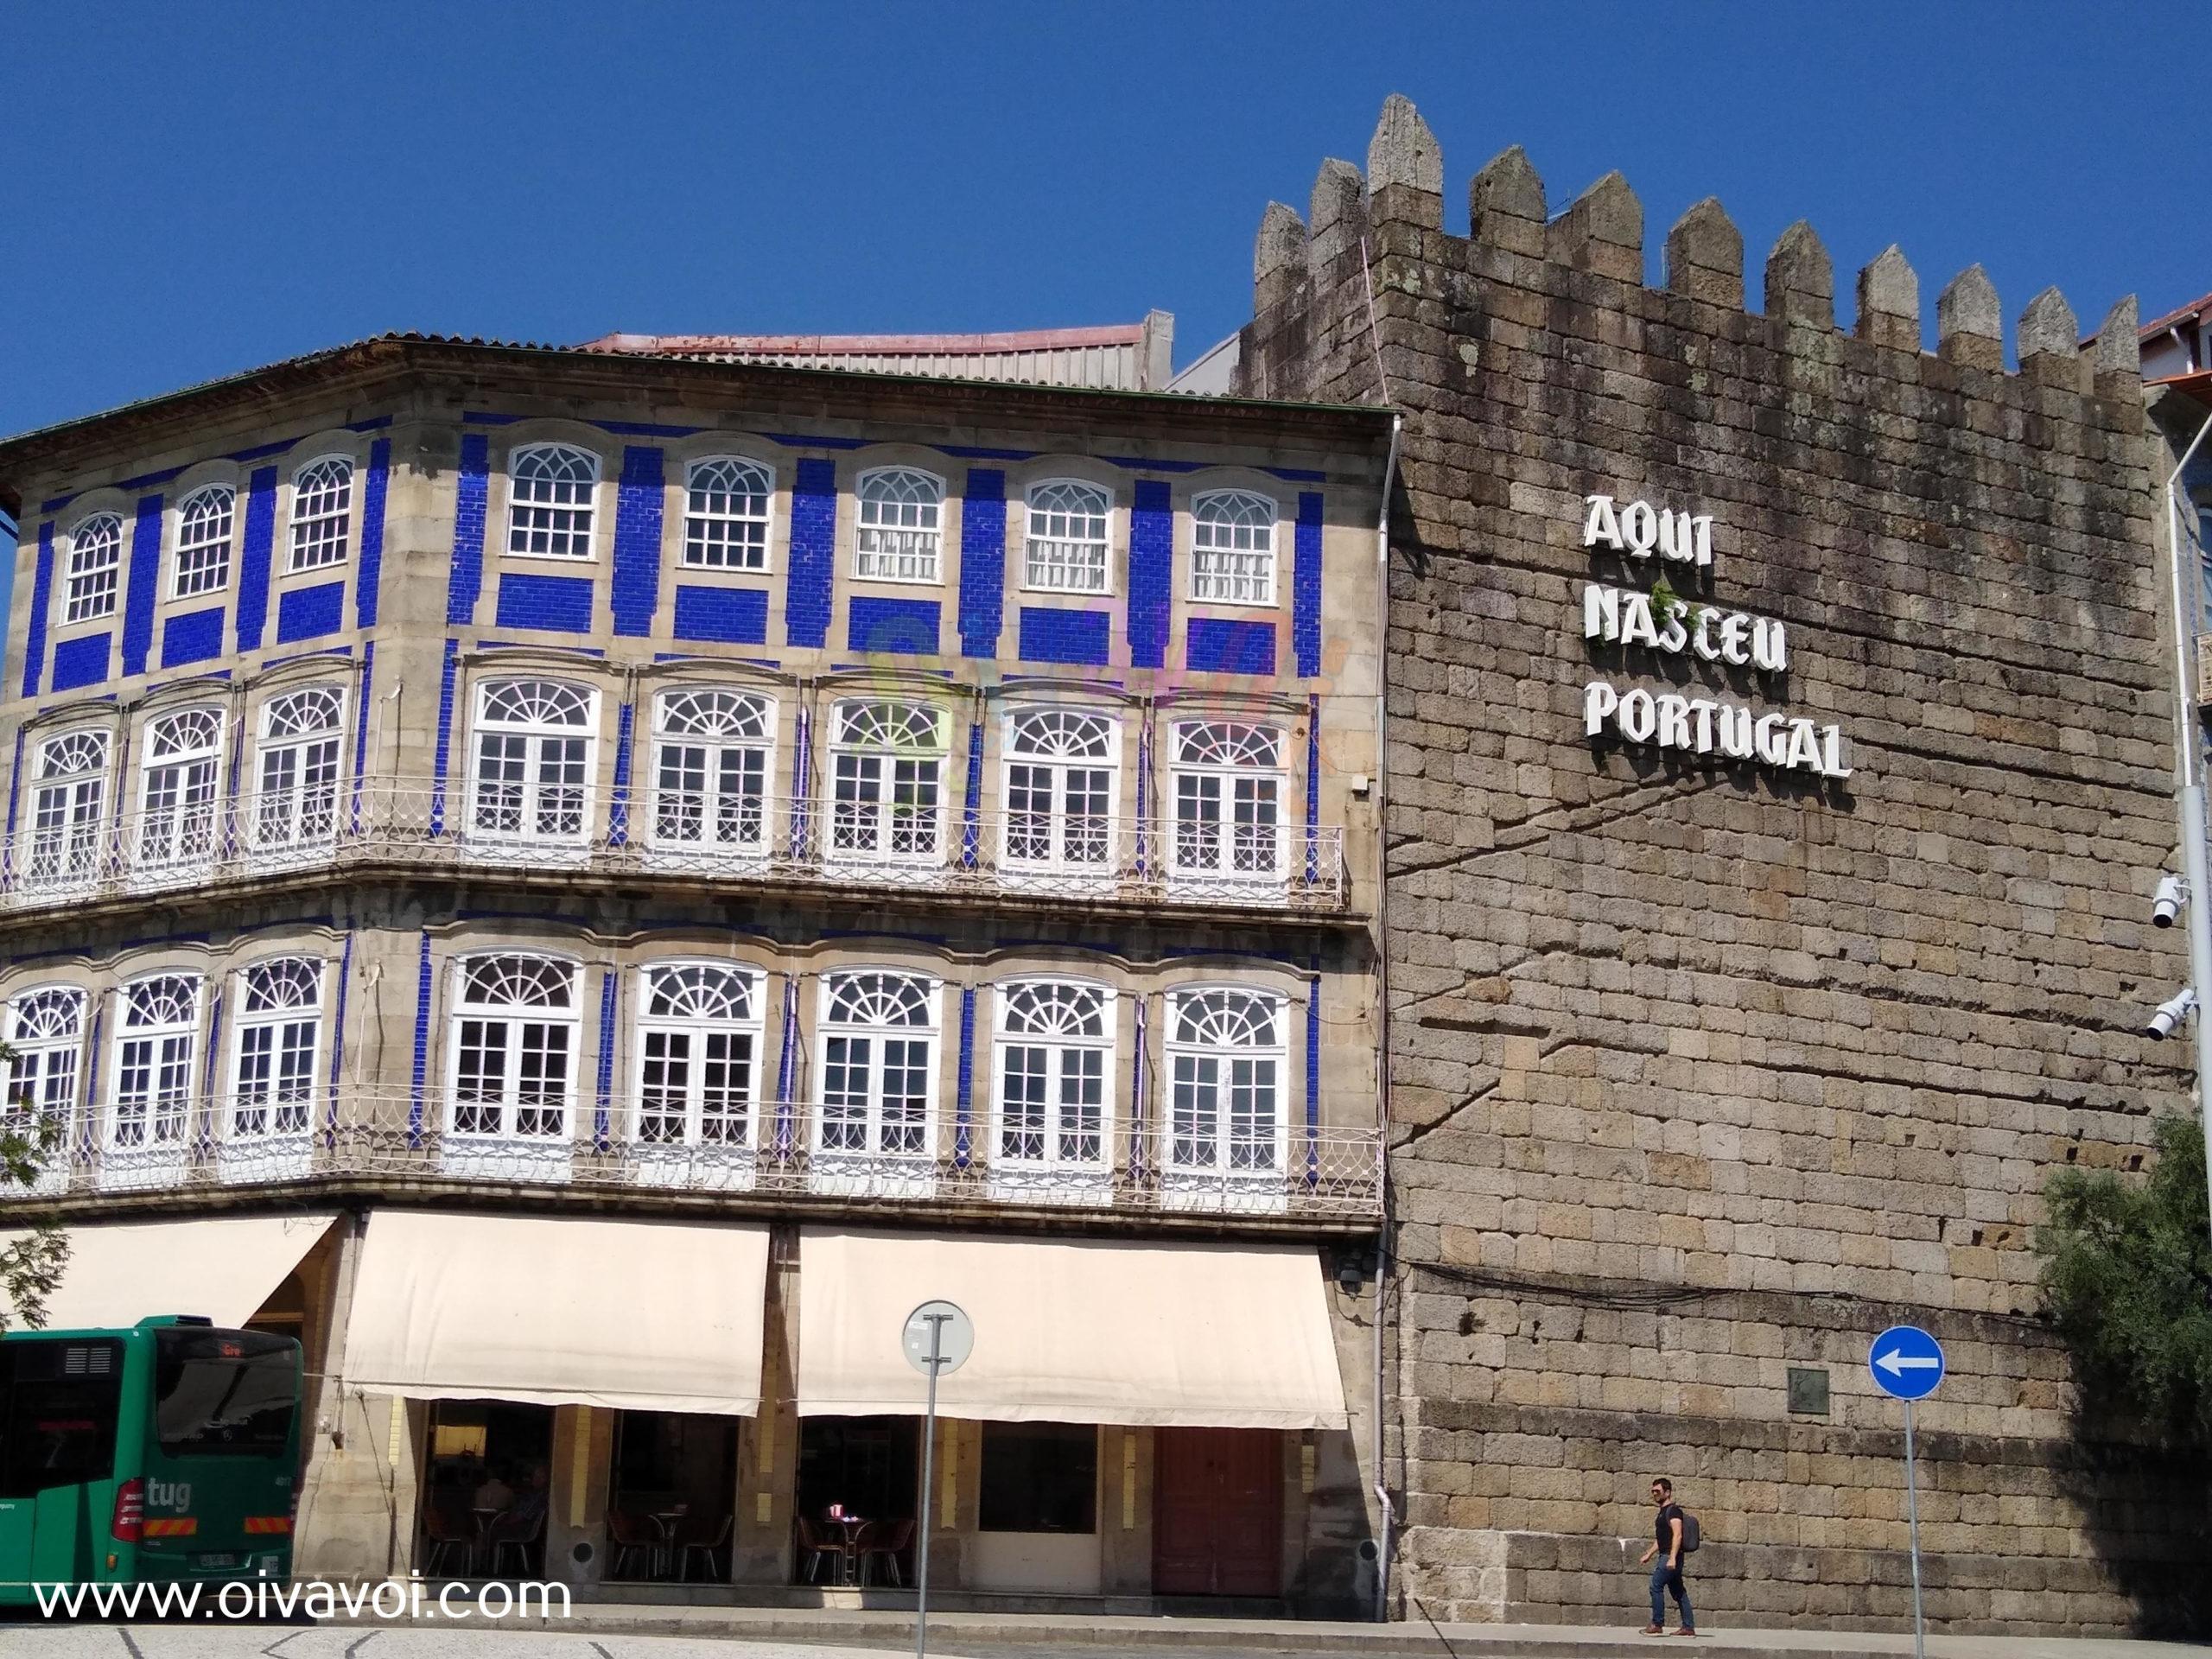 Aqui nacio Portugal en Guimaraes